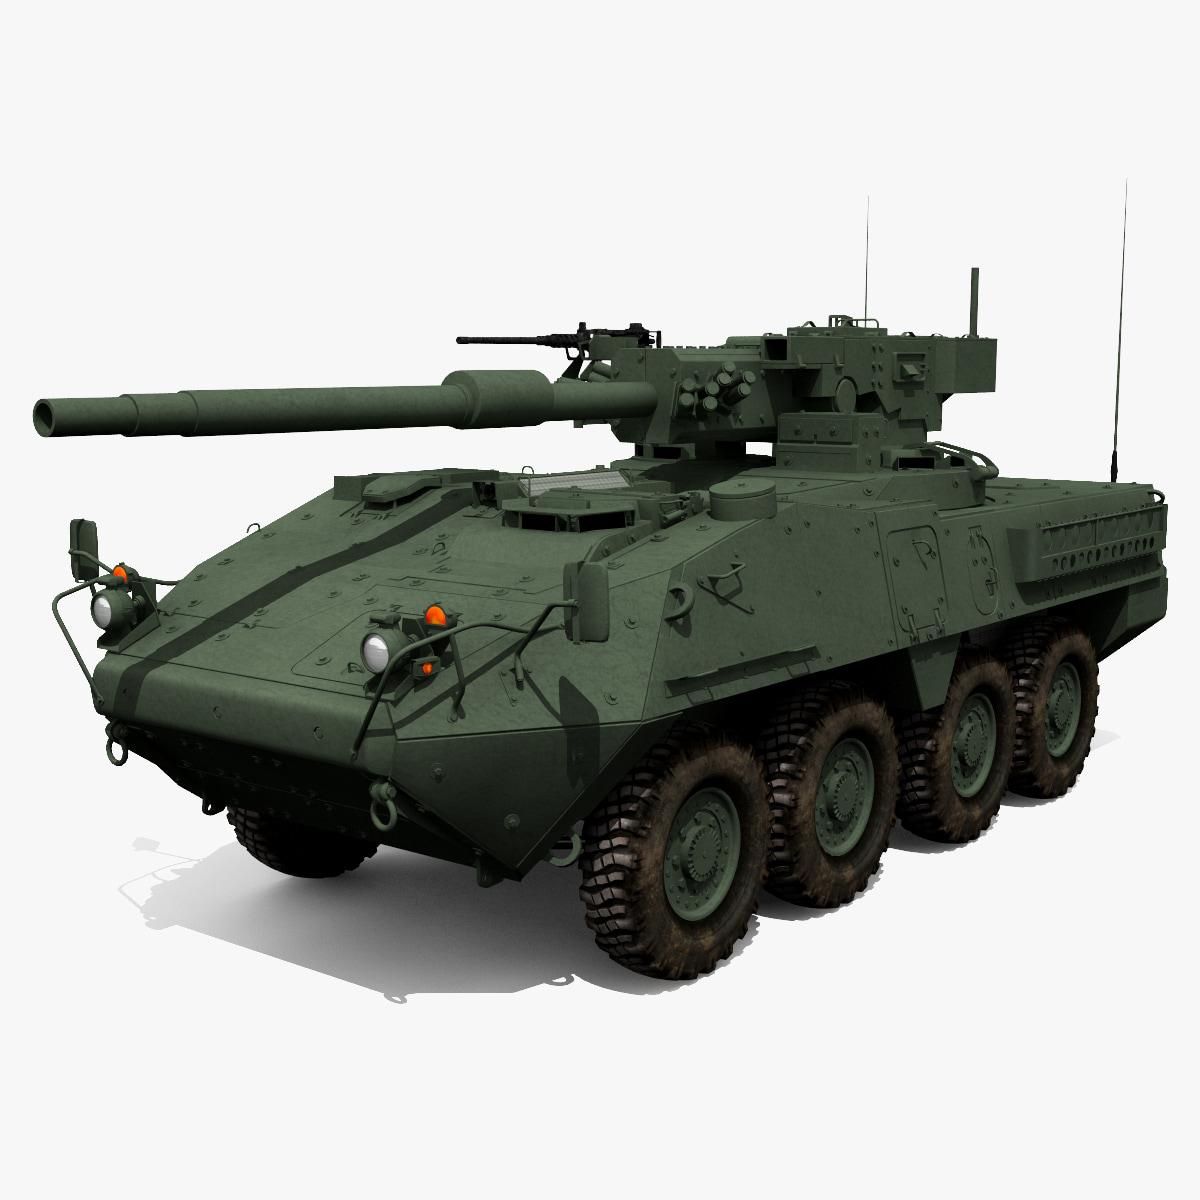 Stryker_M1128_MGS_00.jpg